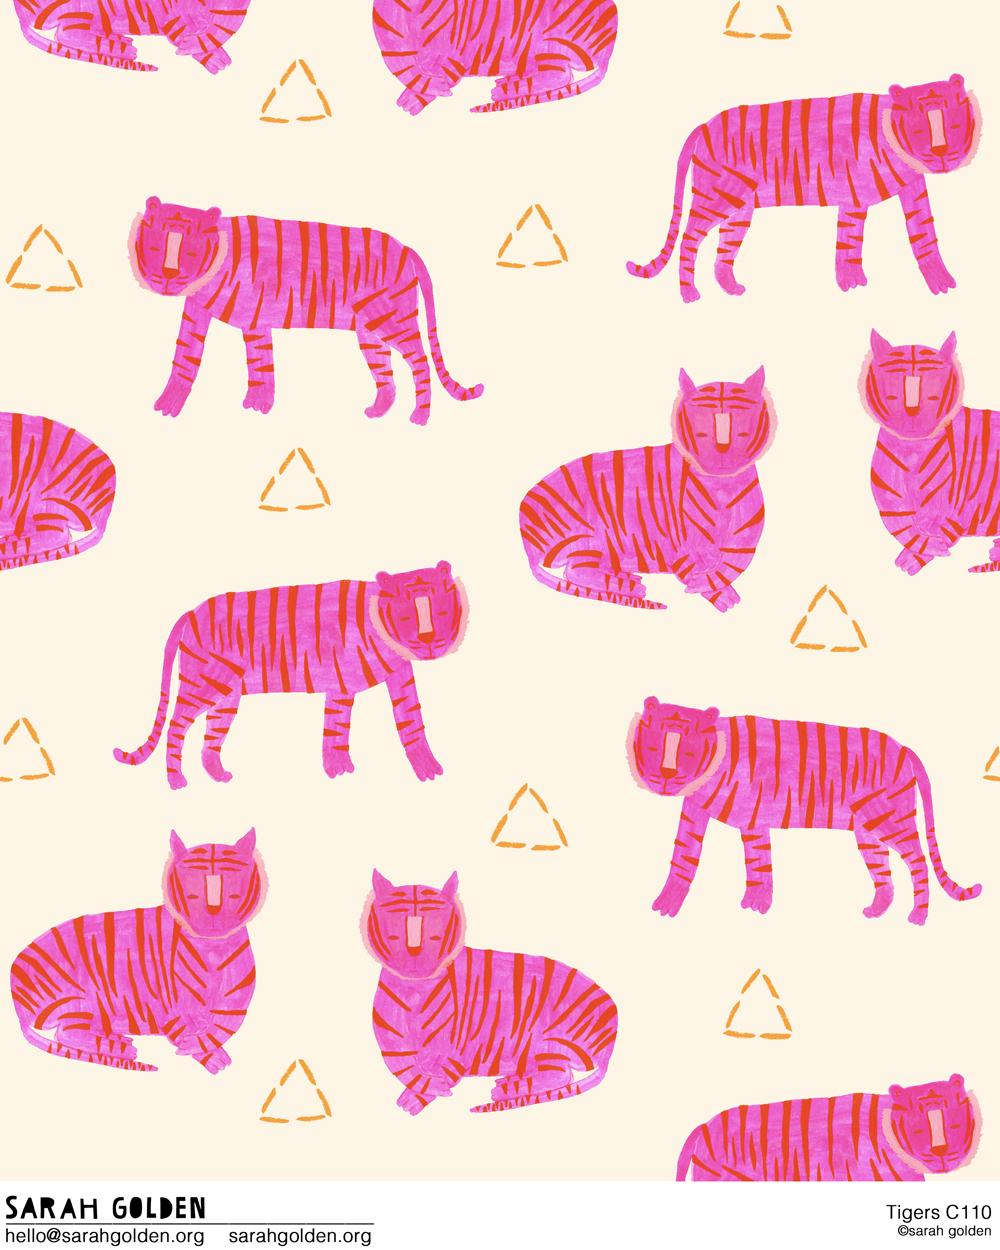 C110_Tigers_Catalog_Sarah_Golden_logo_web.jpg